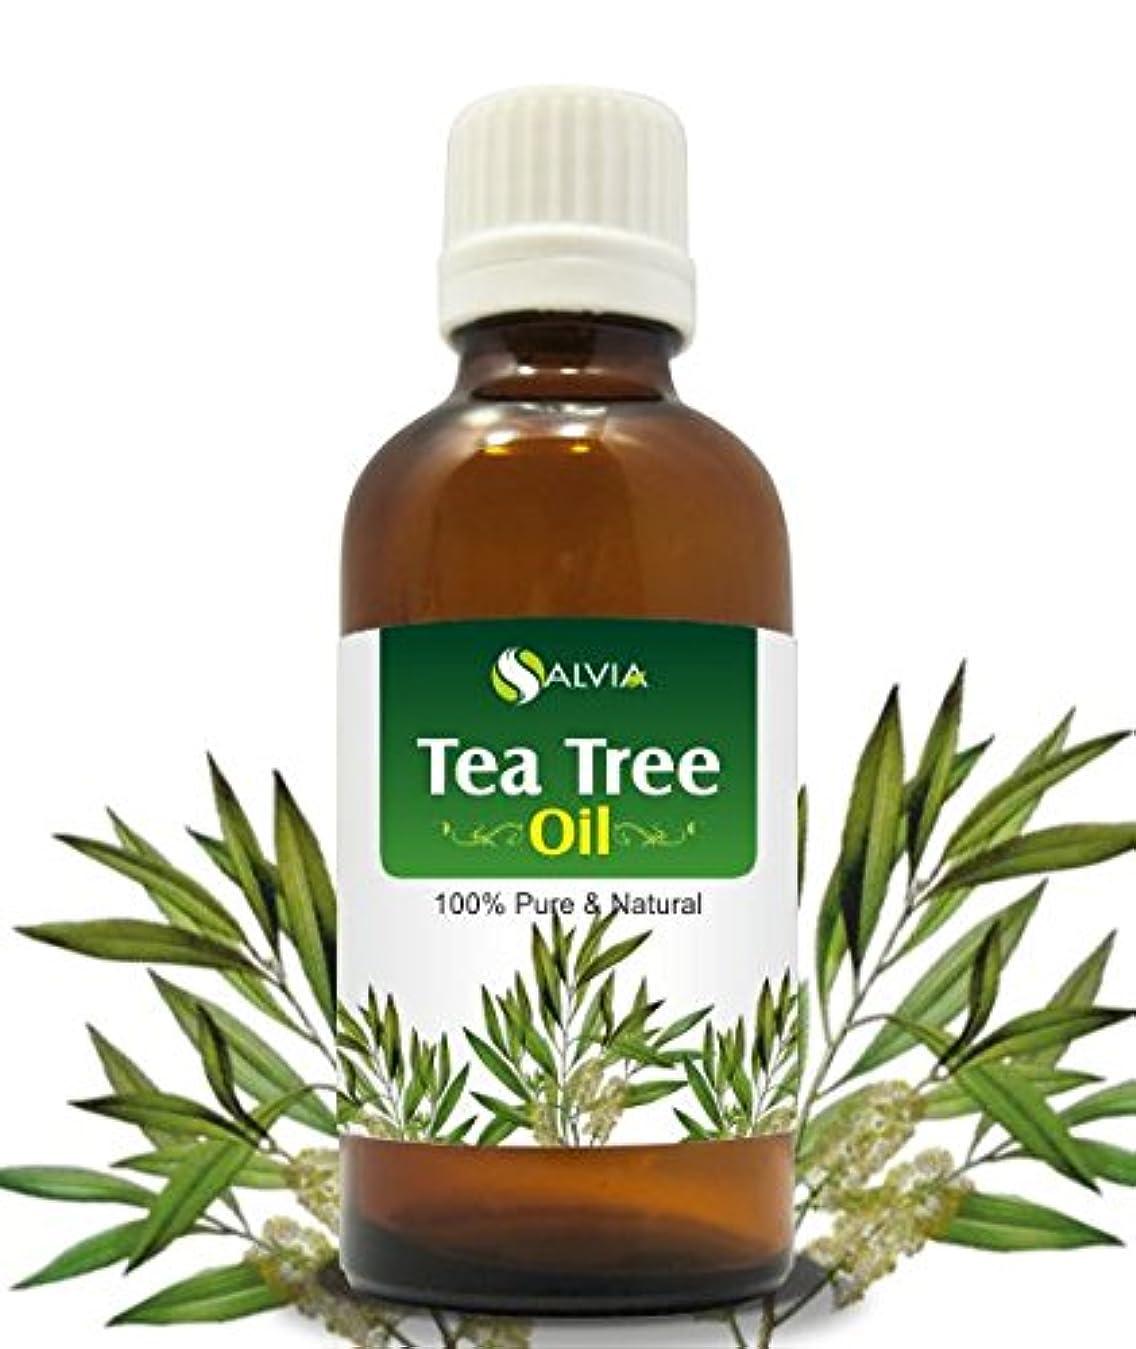 脚本家トラップ金銭的なTEA TREE OIL 100% NATURAL PURE UNDILUTED UNCUT ESSENTIAL OIL 15ML